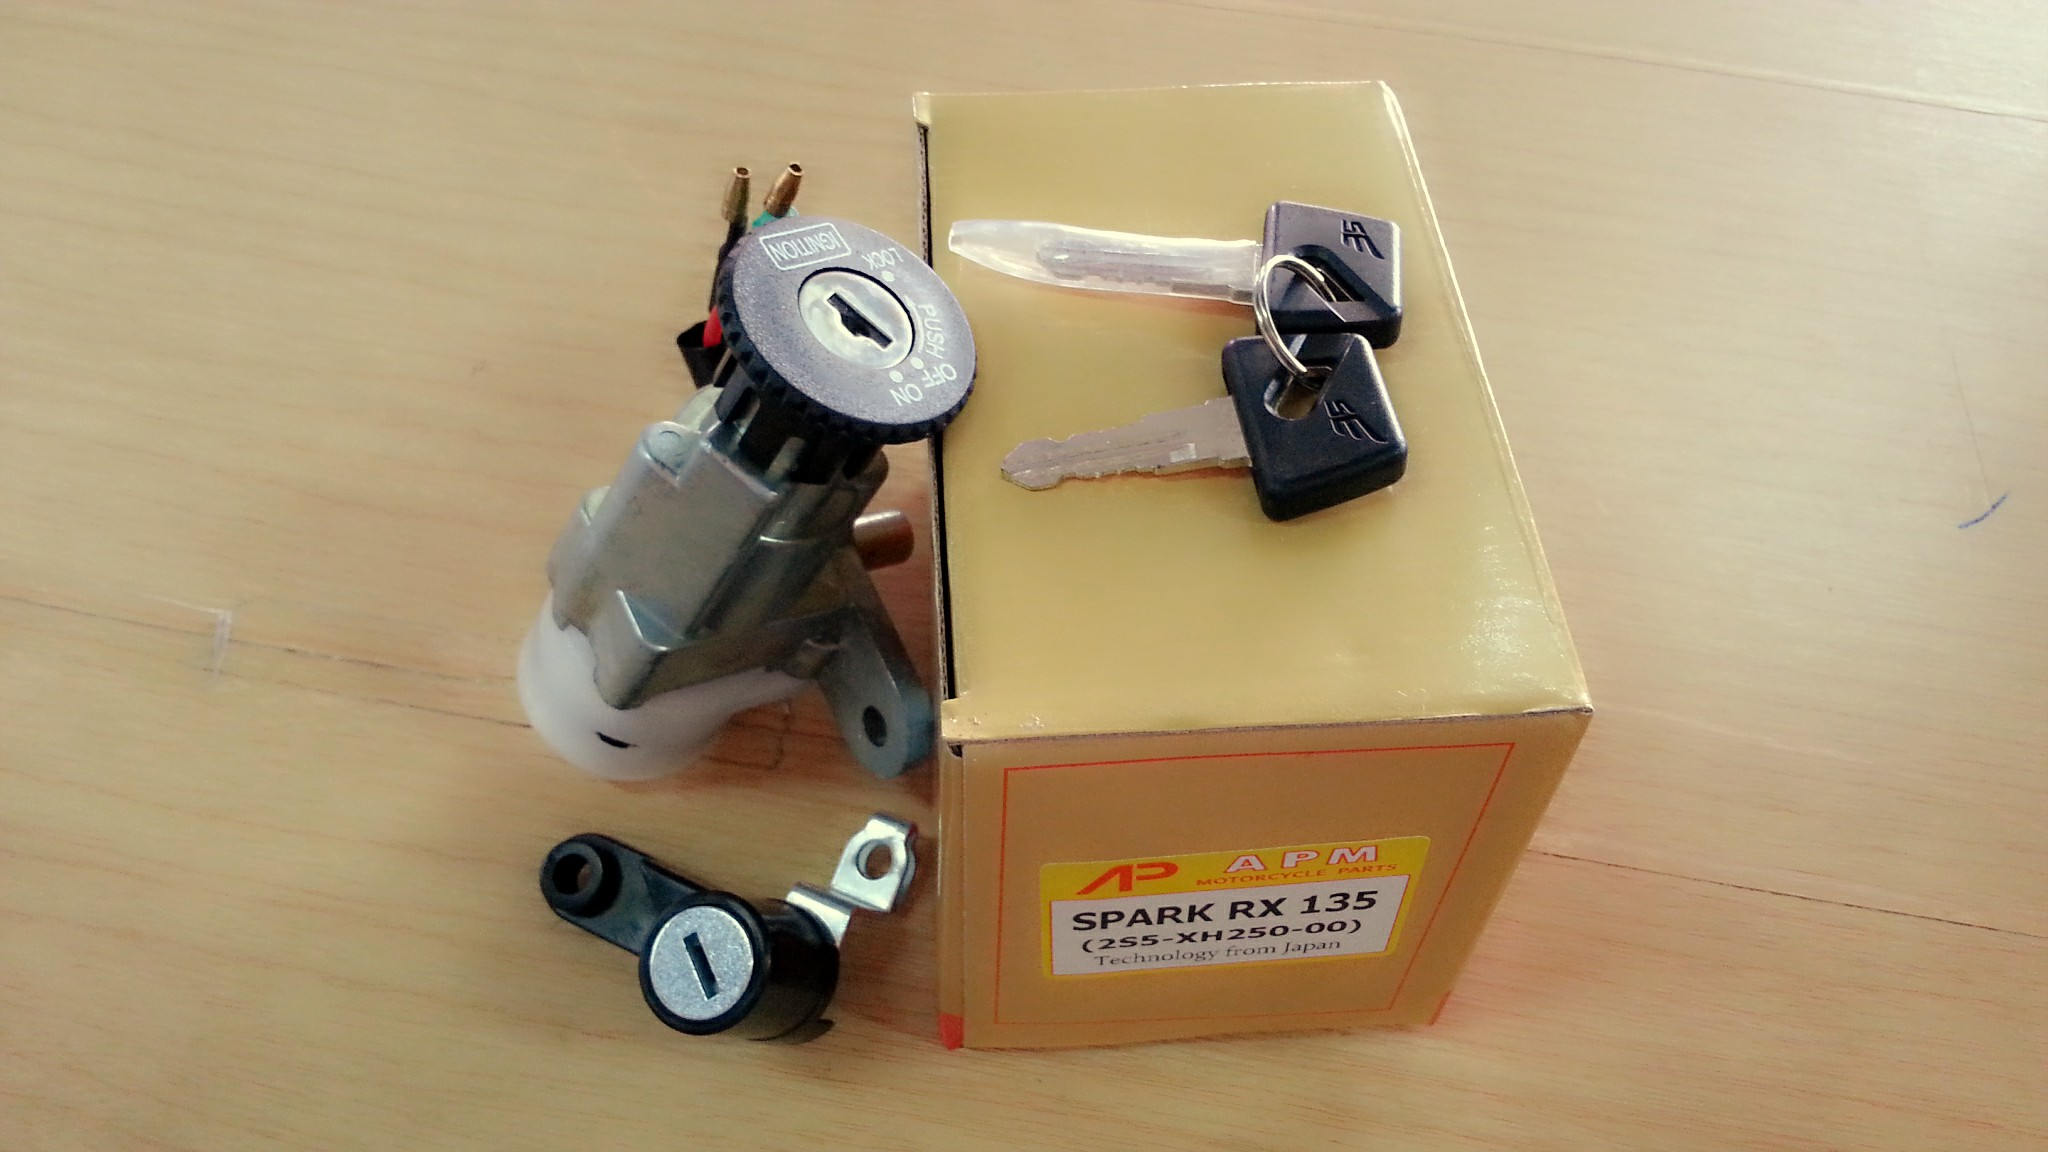 สวิทช์กุญแจ SPARK135 ชุดใหญ่